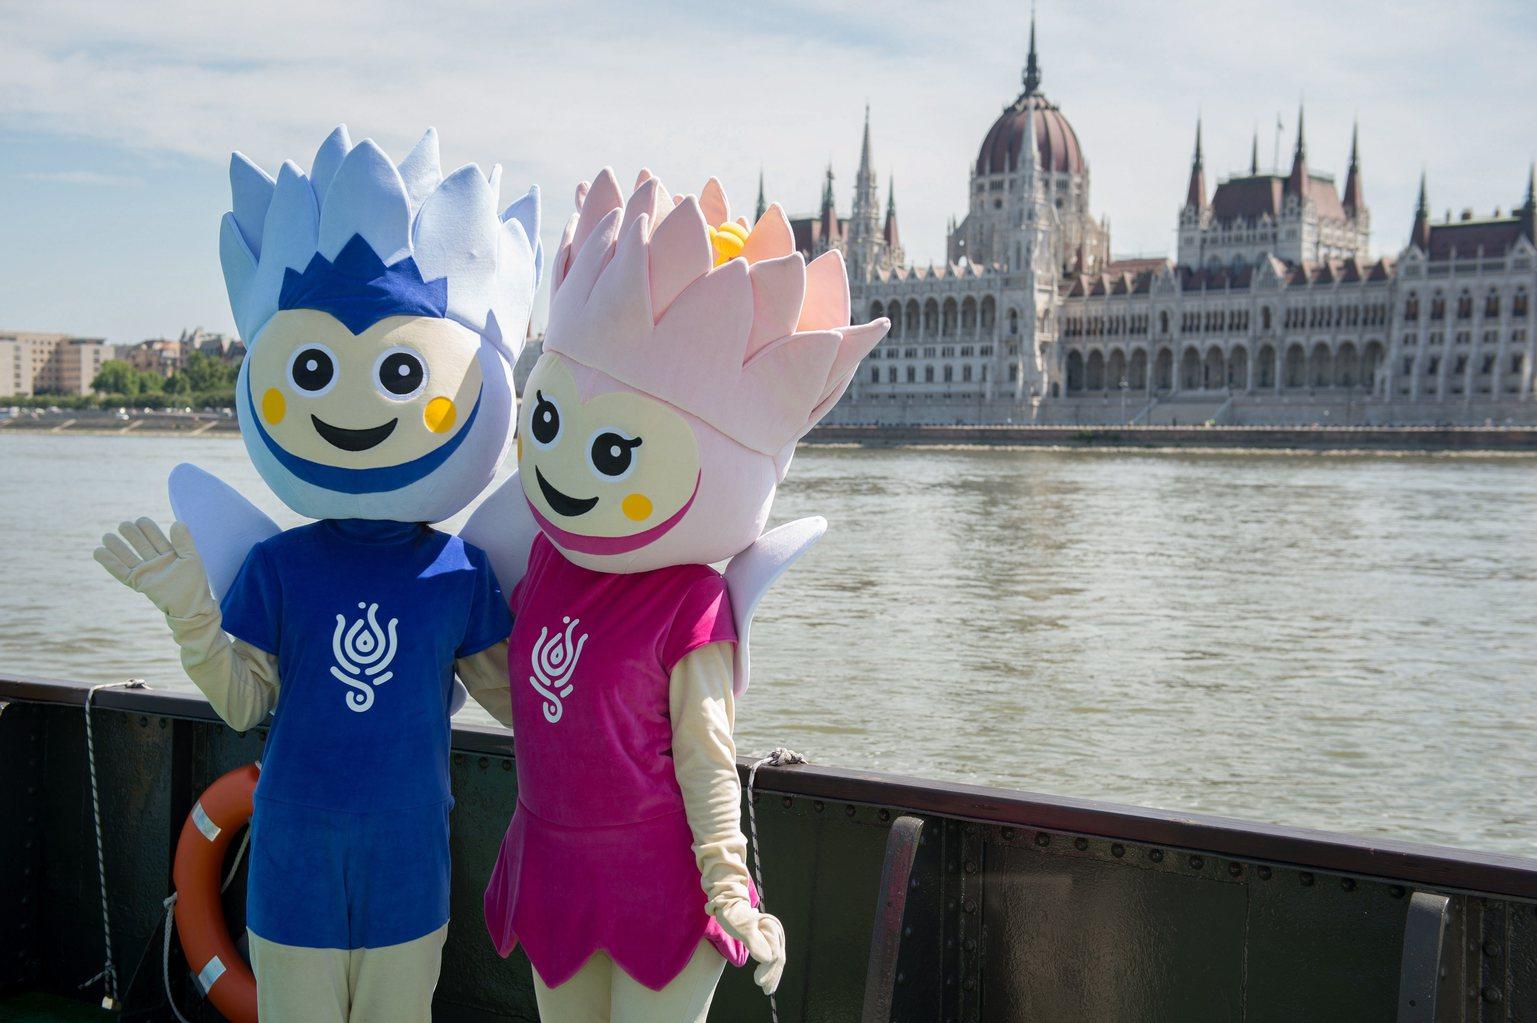 Lali és Lili, a két kabalafigura a budai alsó rakparton, a Batthyány téri hajóállomáson lévő 17. FINA Világbajnokság Látogatóközpontjánál, ahol sajtótájékoztatót tartottak 2017. július 6-án. Bejelentették, hogy a budapesti vizes vb helyszínéül szolgáló Duna Aréna akadálymentes, a kerekesszéket használók pedig online is megvásárolhatják jegyüket a sporteseményre. MTI Fotó: Cseke Csilla